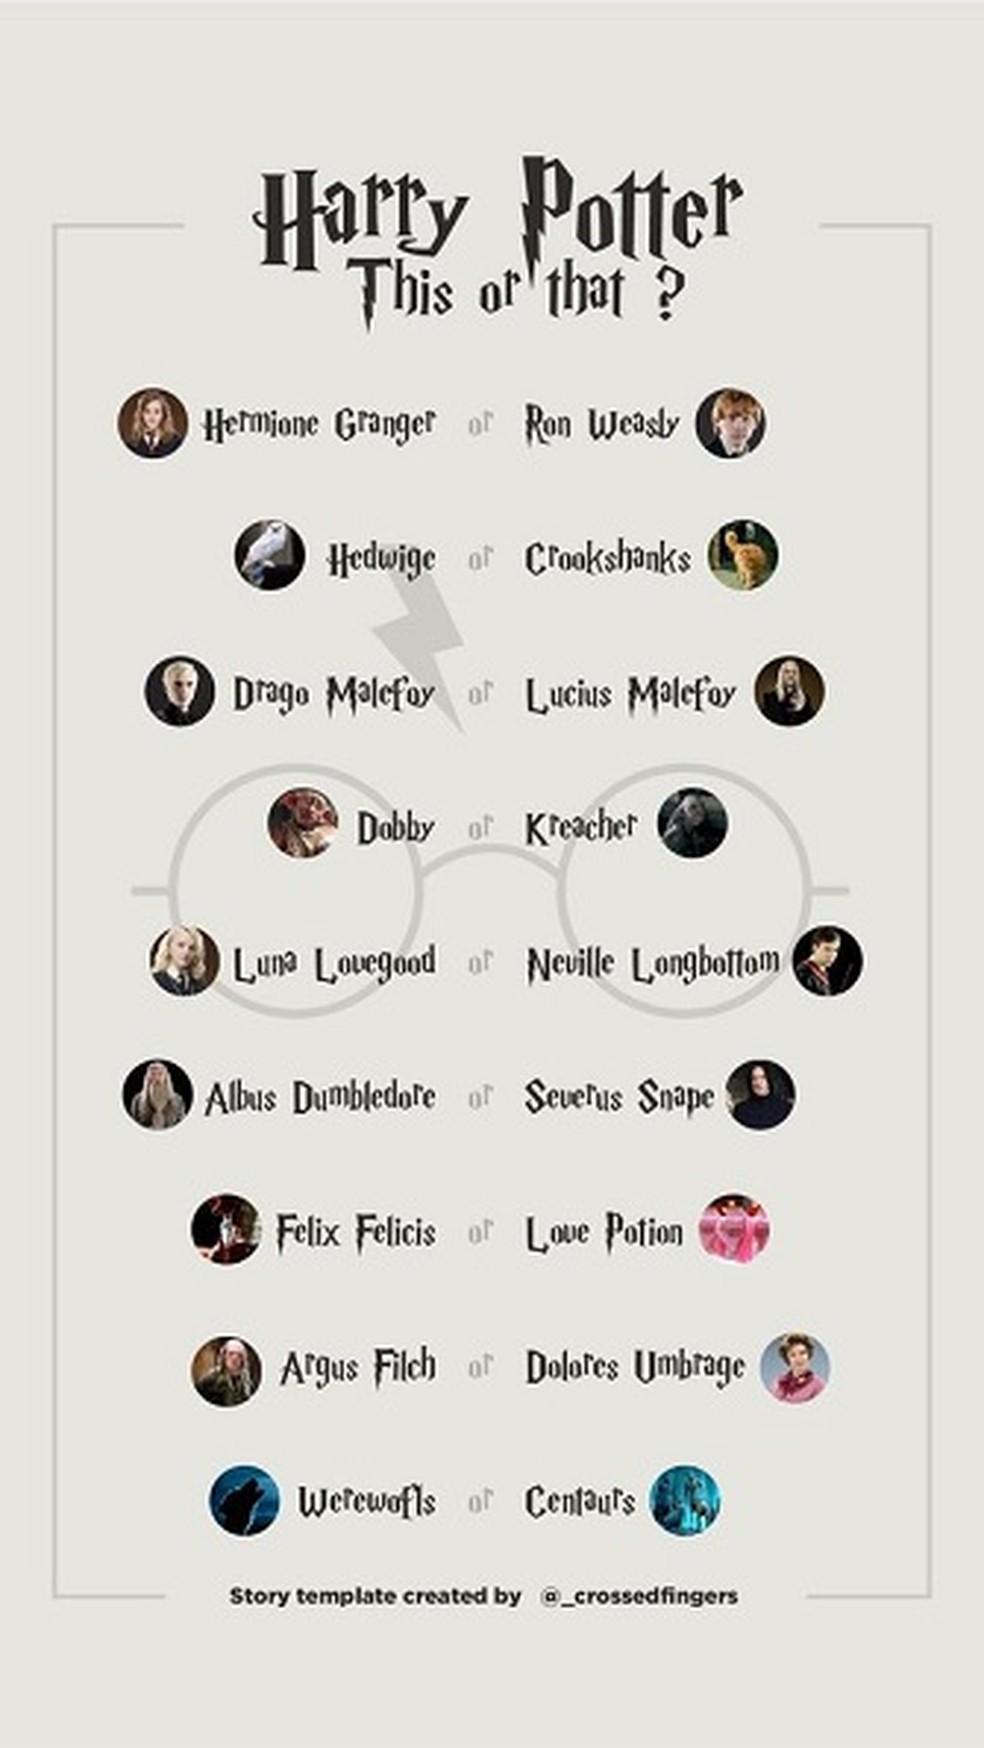 A escolha entre personagens da saga Harry Potter define a brincadeira para status do WhatsApp — Foto: (Reprodução/Pinterest)